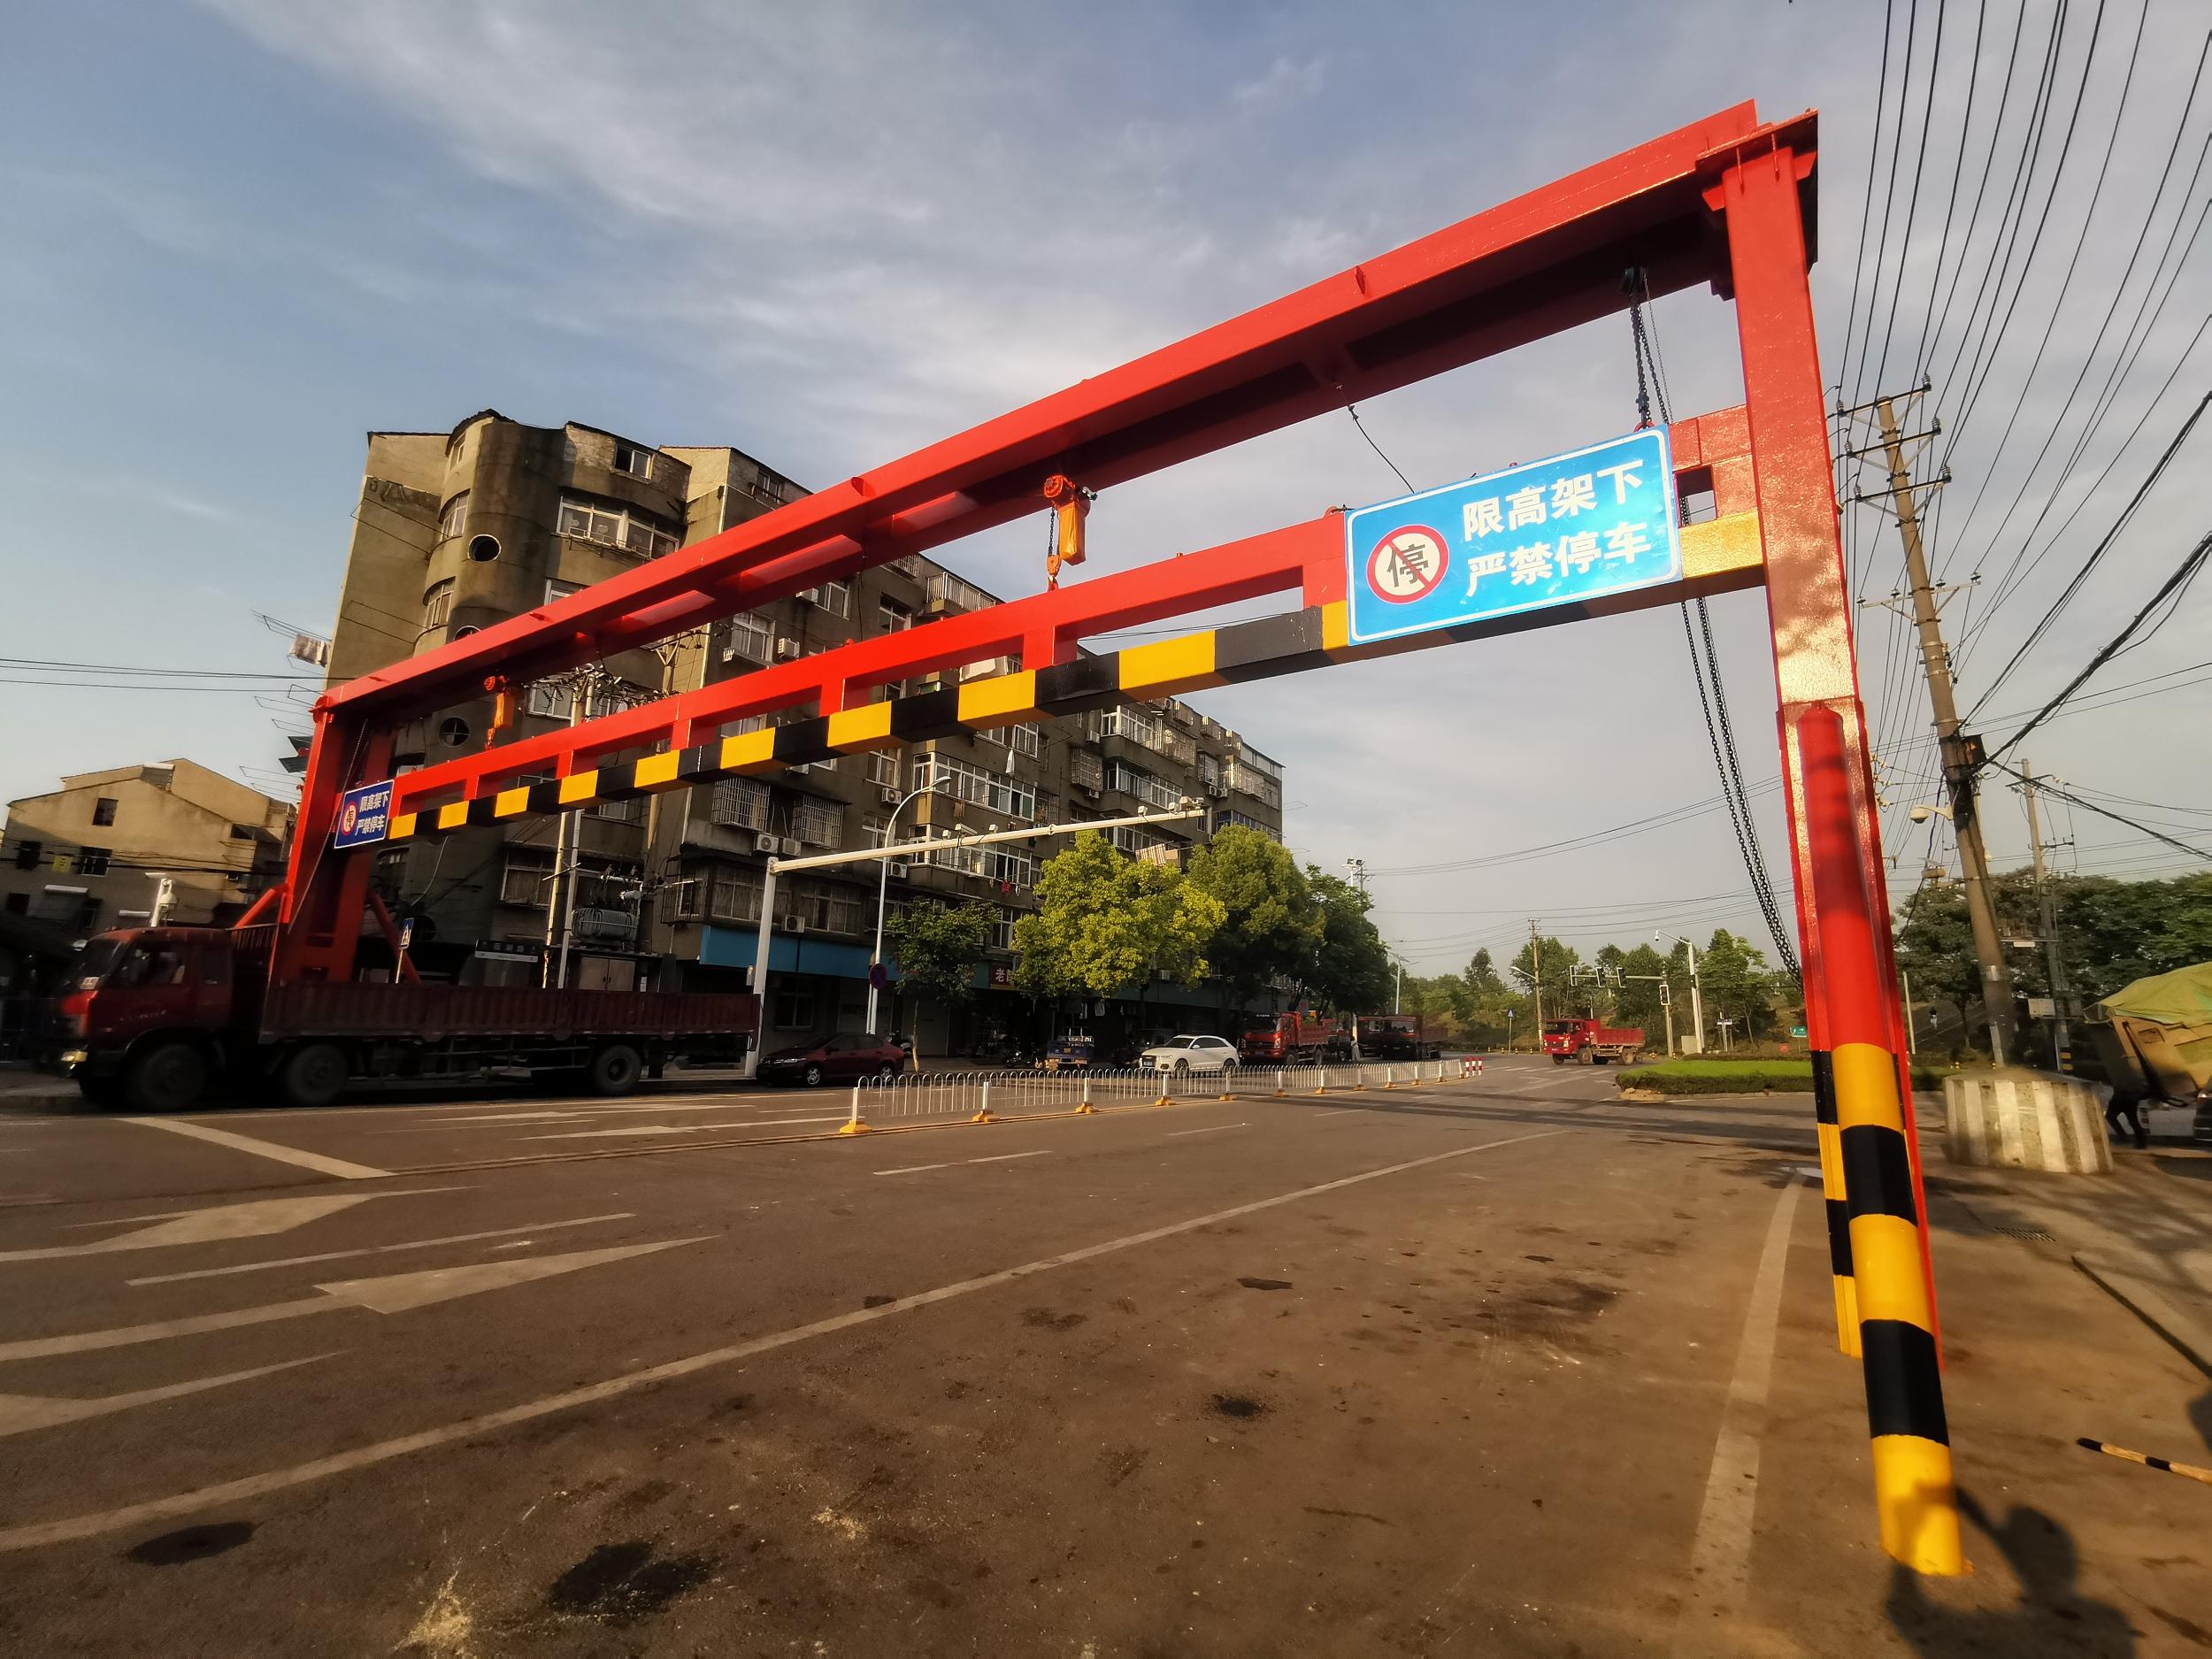 潍坊市开展道路限高限宽设施专项整治